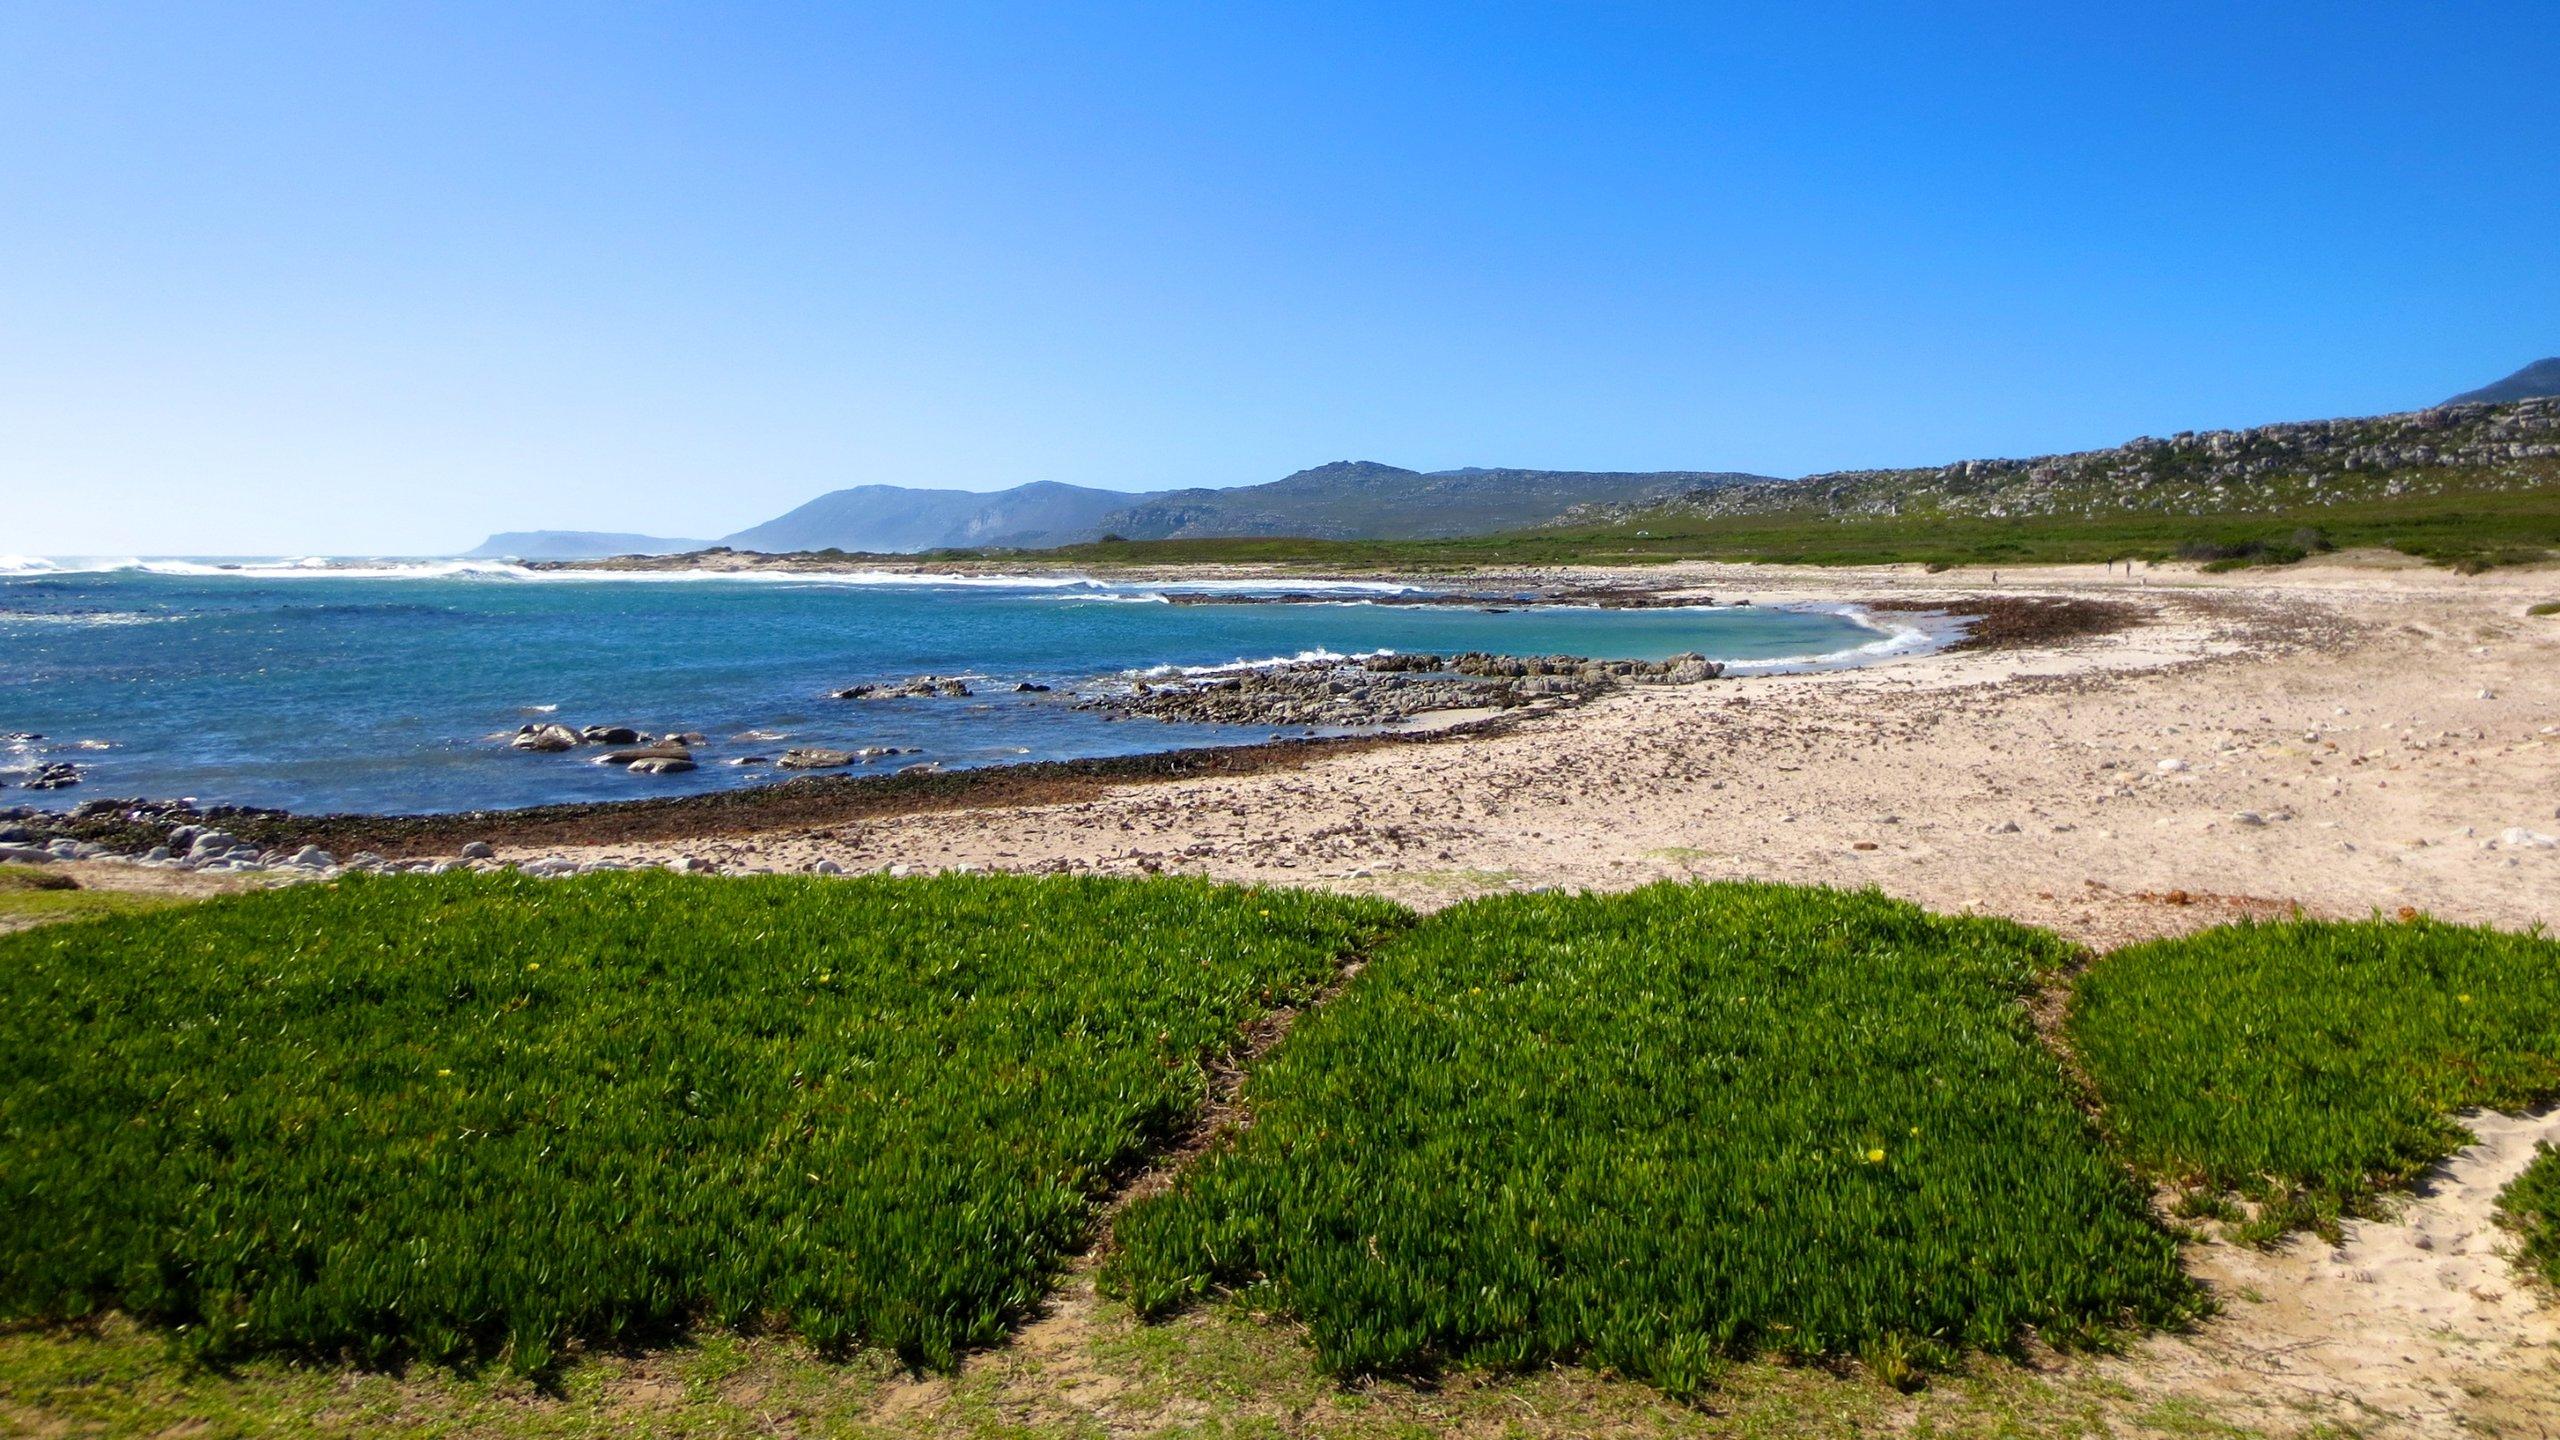 Cape Peninsula, Cape Town, Western Cape, South Africa